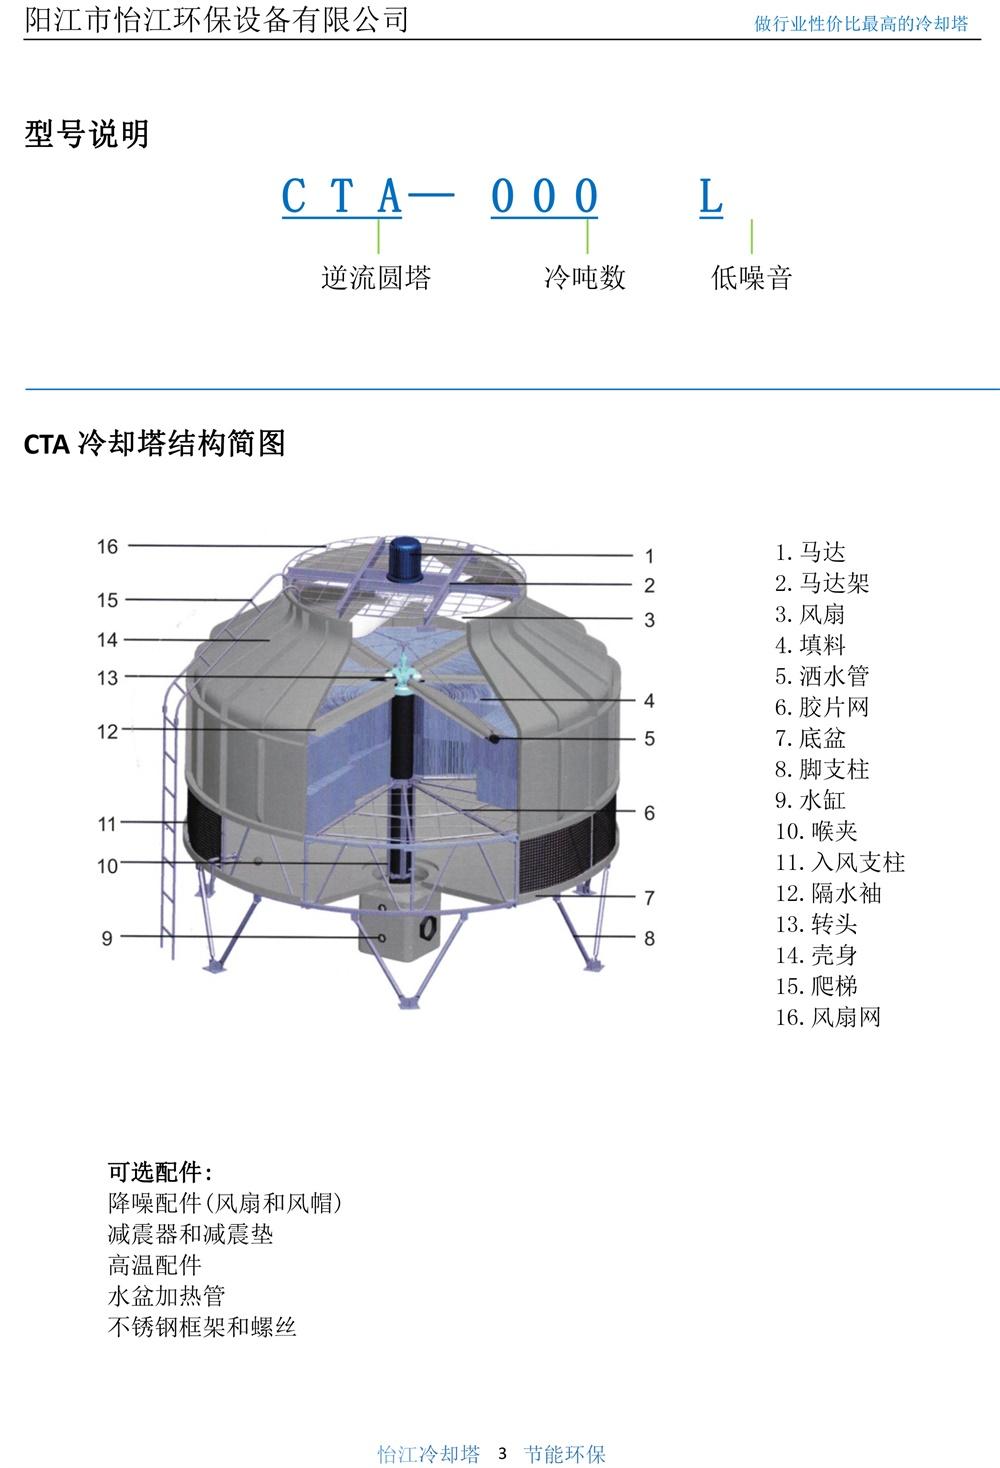 產品手冊(彩頁)3-3.jpg